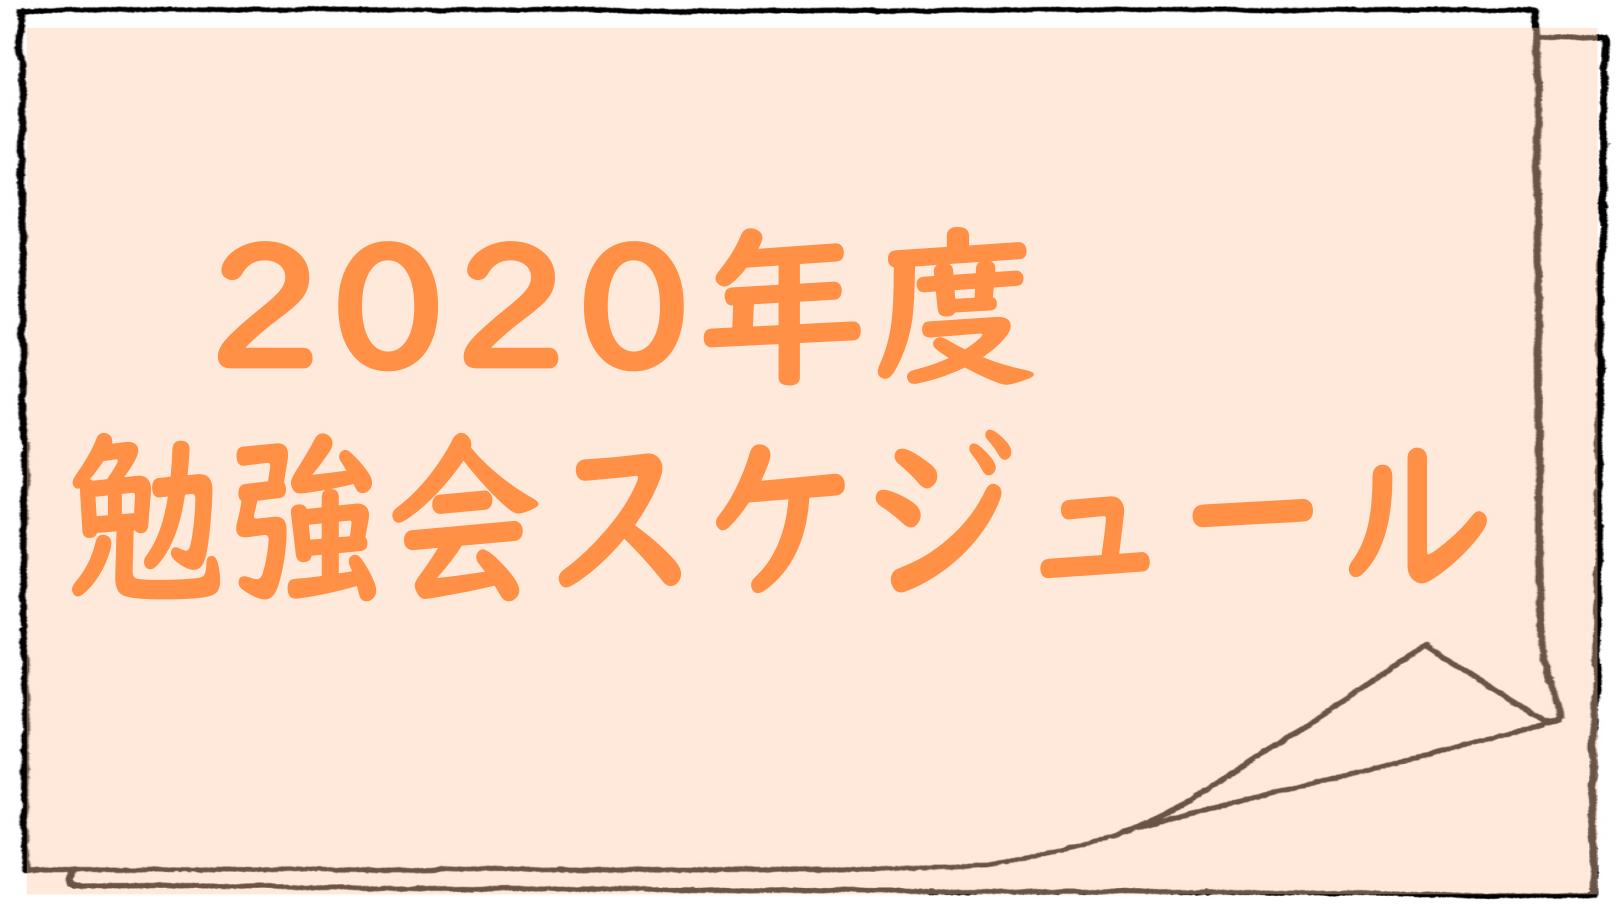 2020年度 勉強会スケジュールのイメージ